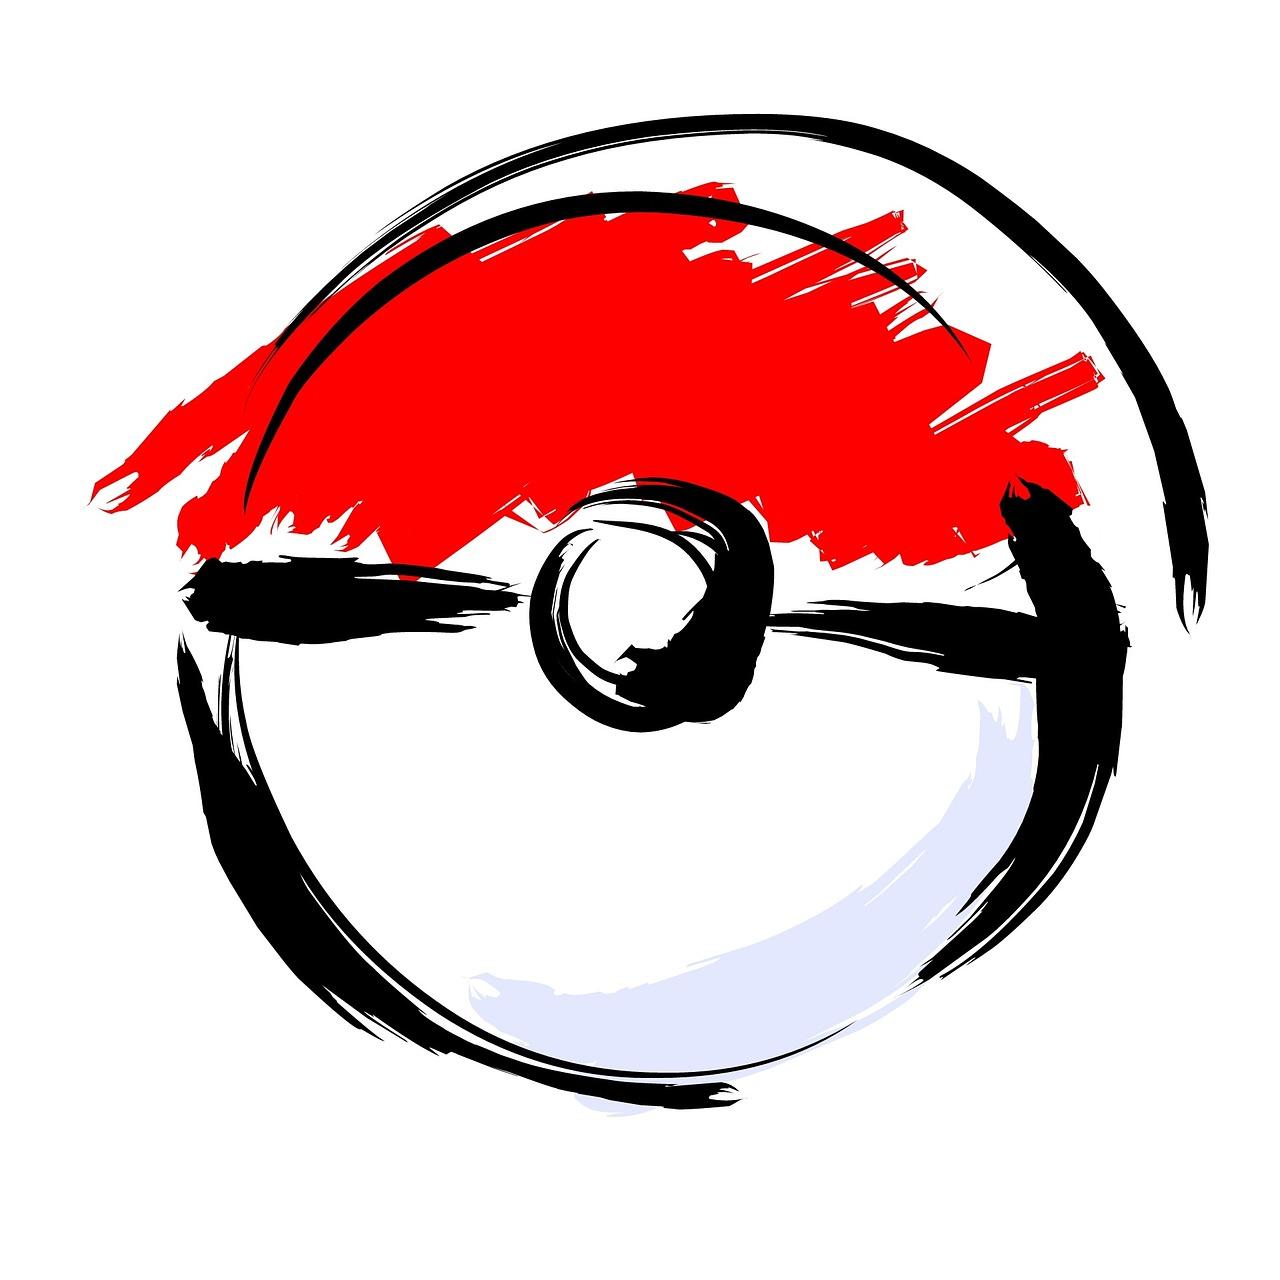 『Pokémon GO』の配信が開始されたので、外に出てきた。